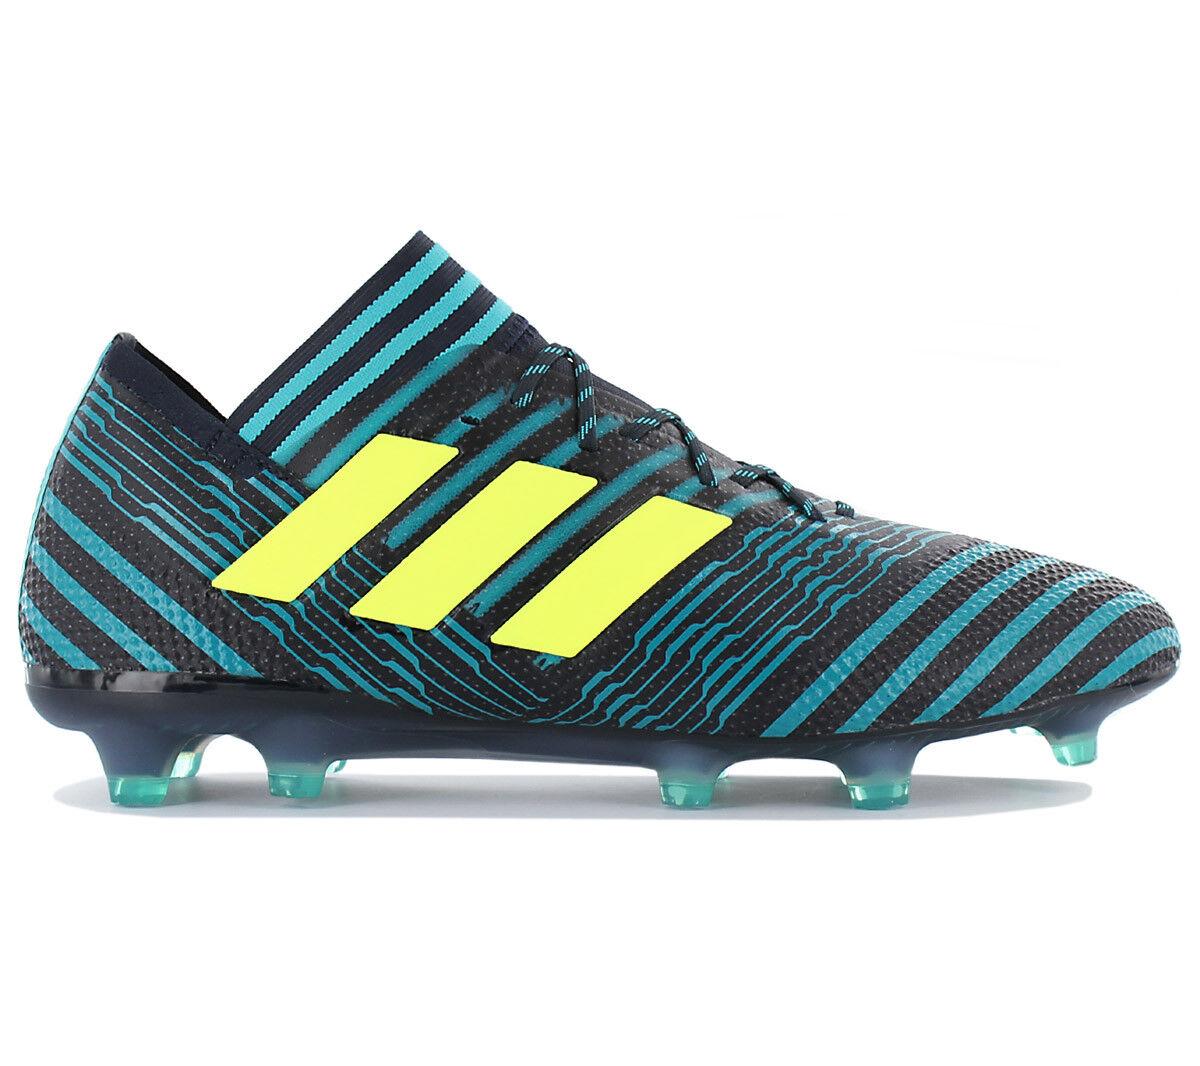 Adidas  nemeziz 17.1 FG  Ocean Storm  señores levas botas de fútbol Ace bb6078 nuevo  a la venta